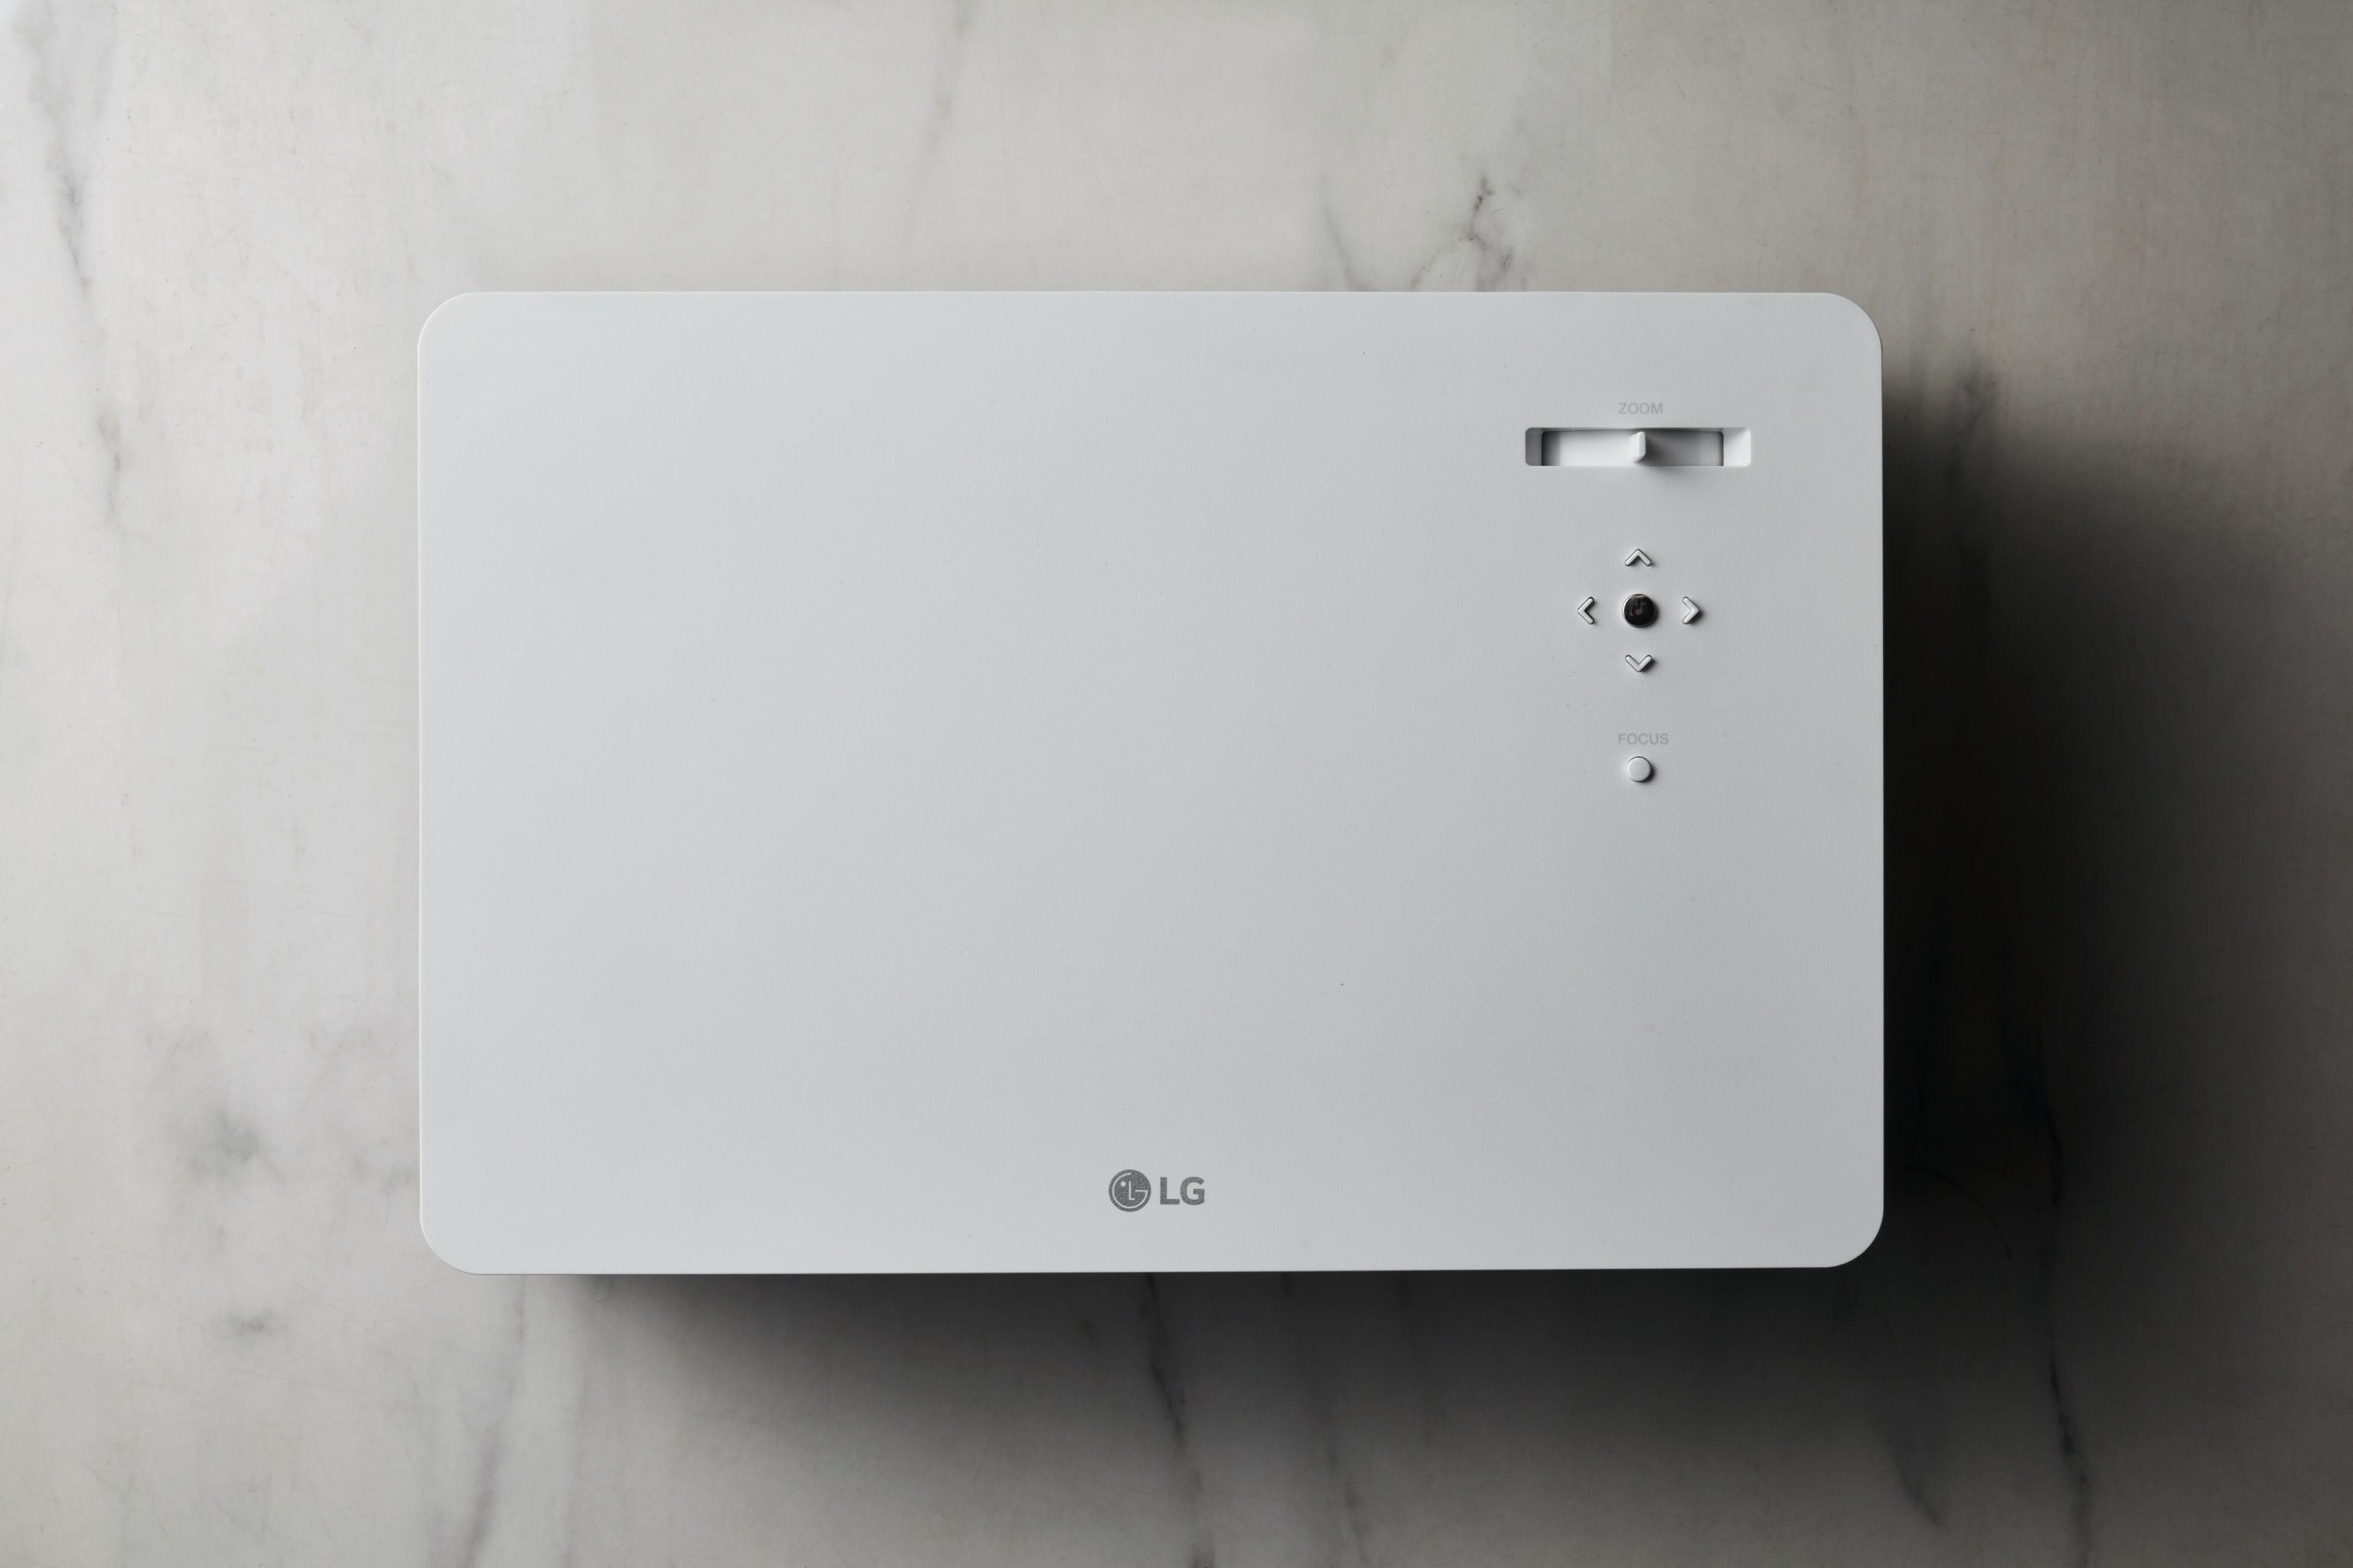 إل جي تقدم أجهزة عرض سينمائية 4 كي تتمتع بأرقى المزايا الذكية وأفضل جودة للصورة